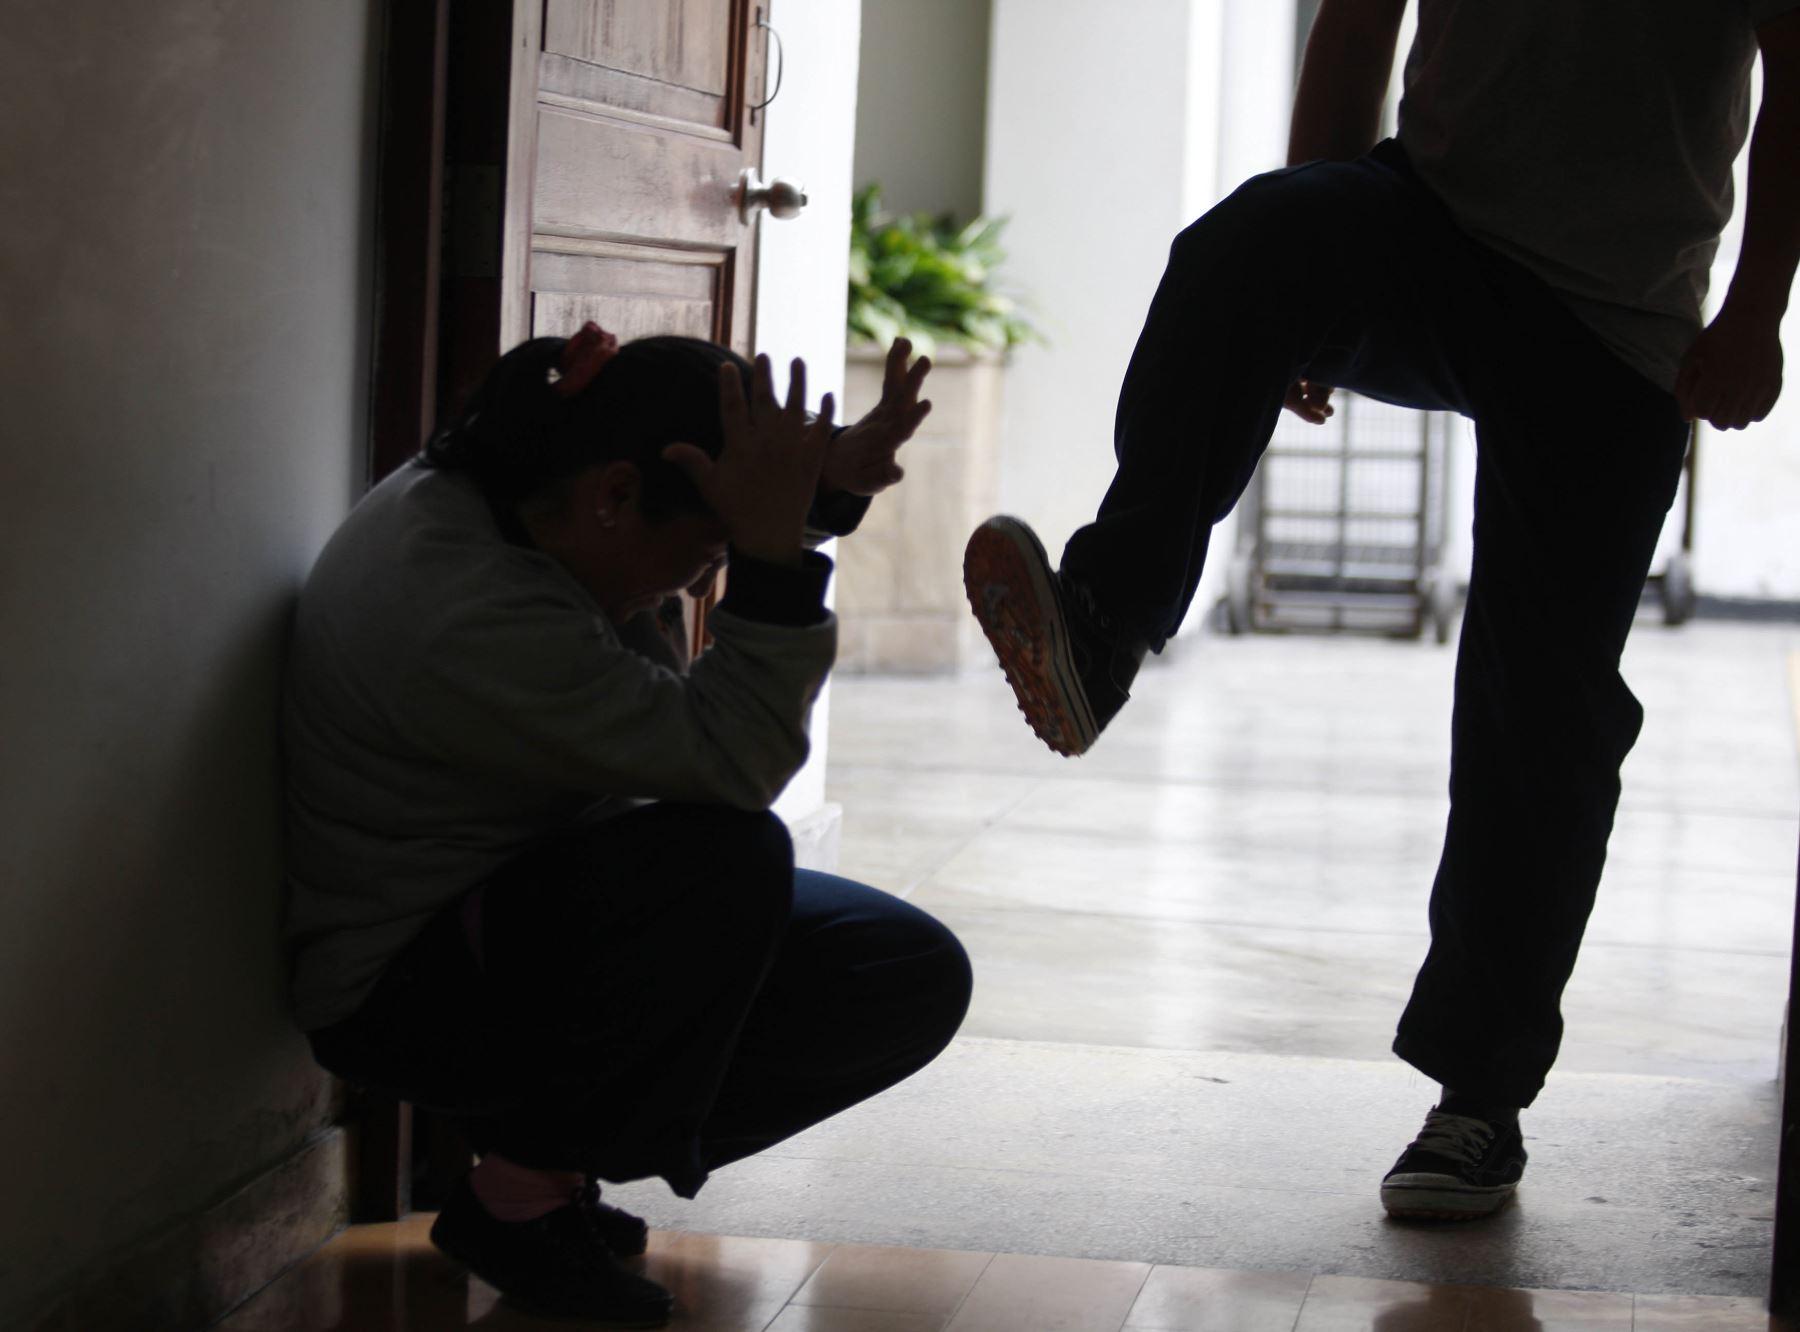 Cifra oficial: 149 casos de feminicidio a nivel nacional este año